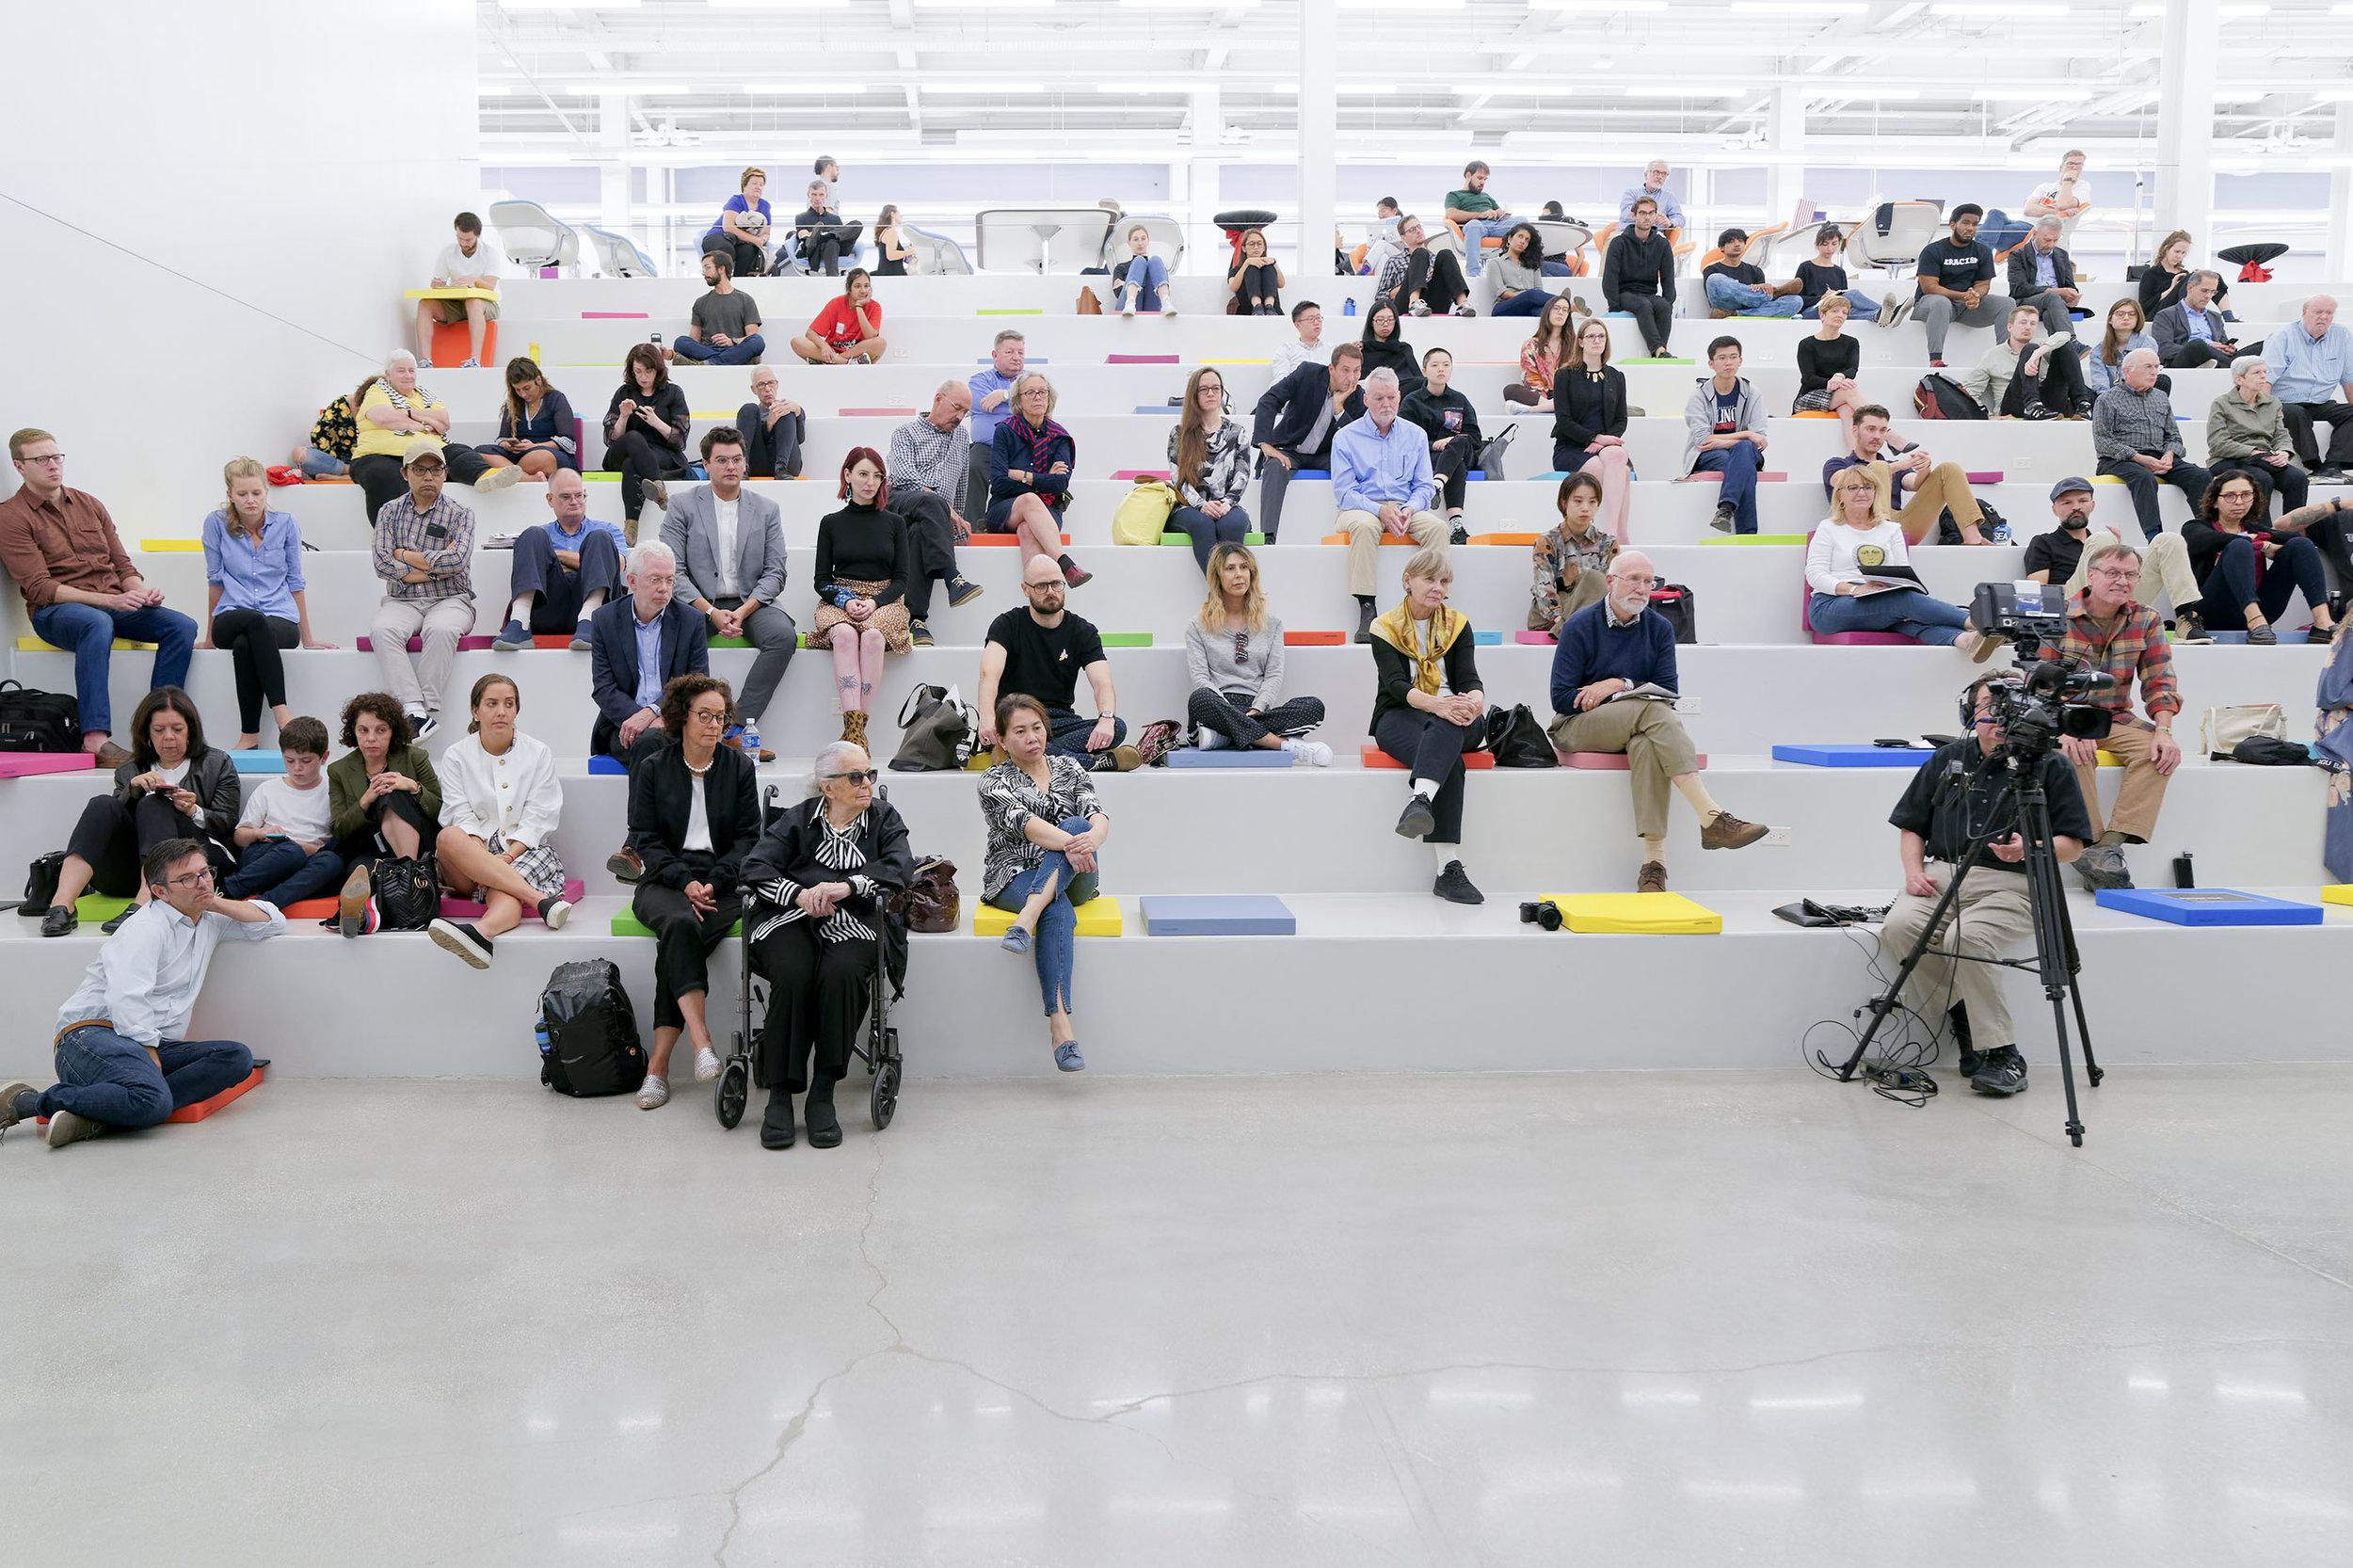 Bauhaus Audience Small.jpg